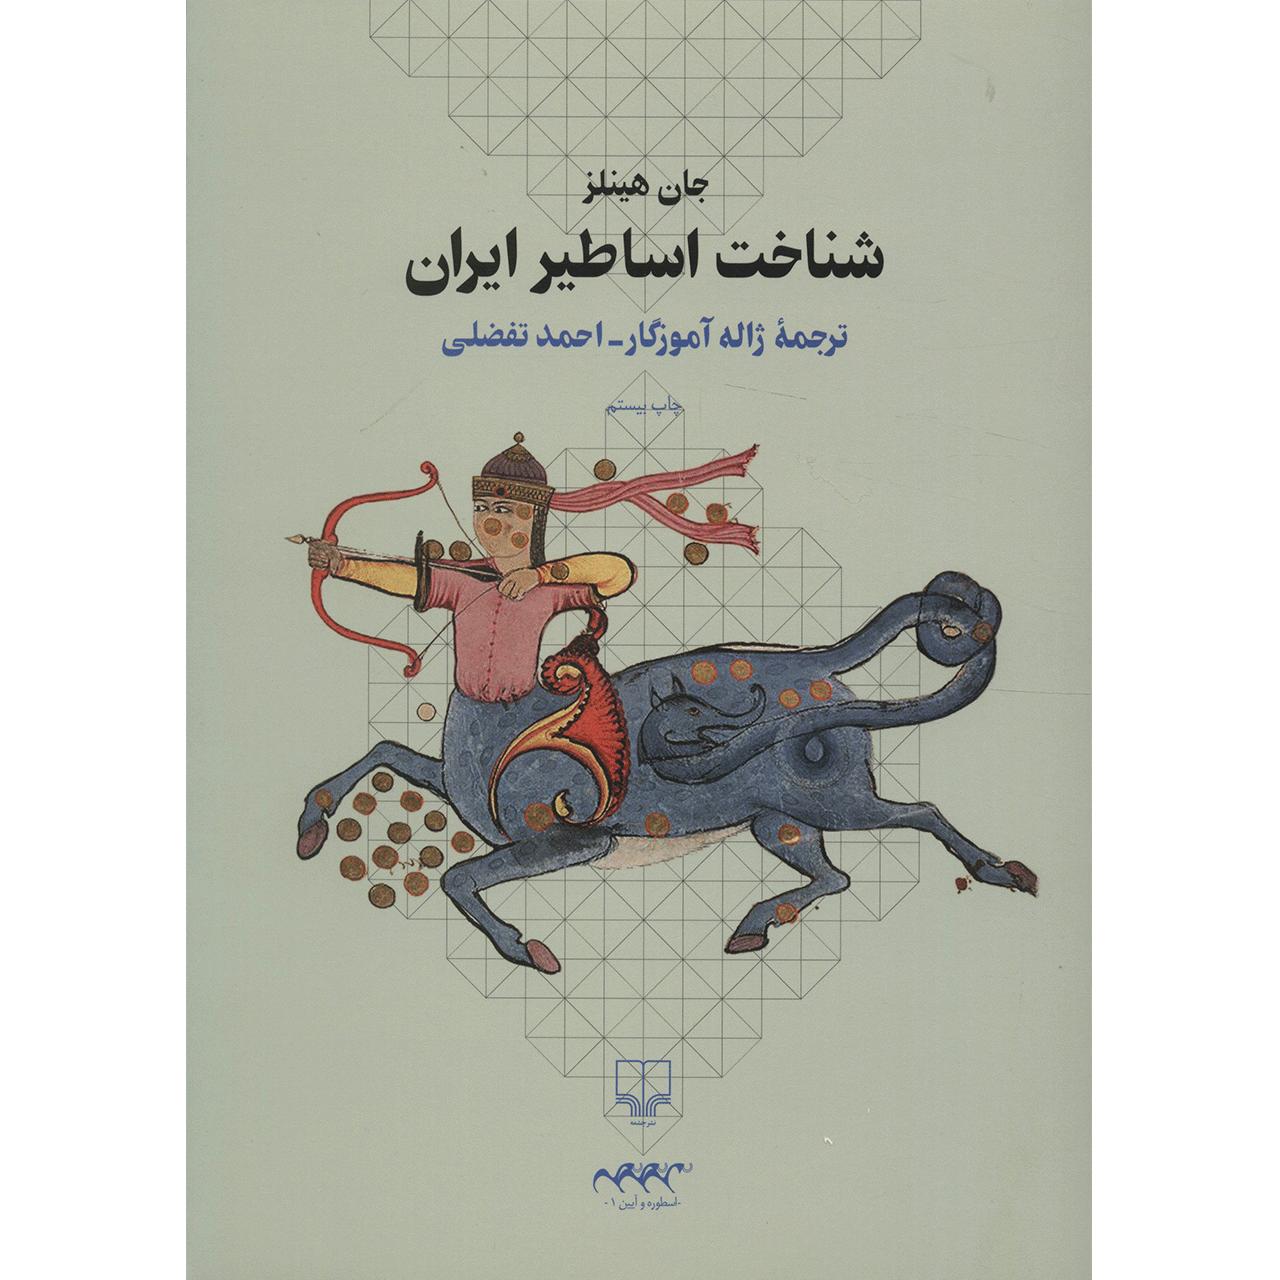 کتاب شناخت اساطیر ایران اثر جان هینلز